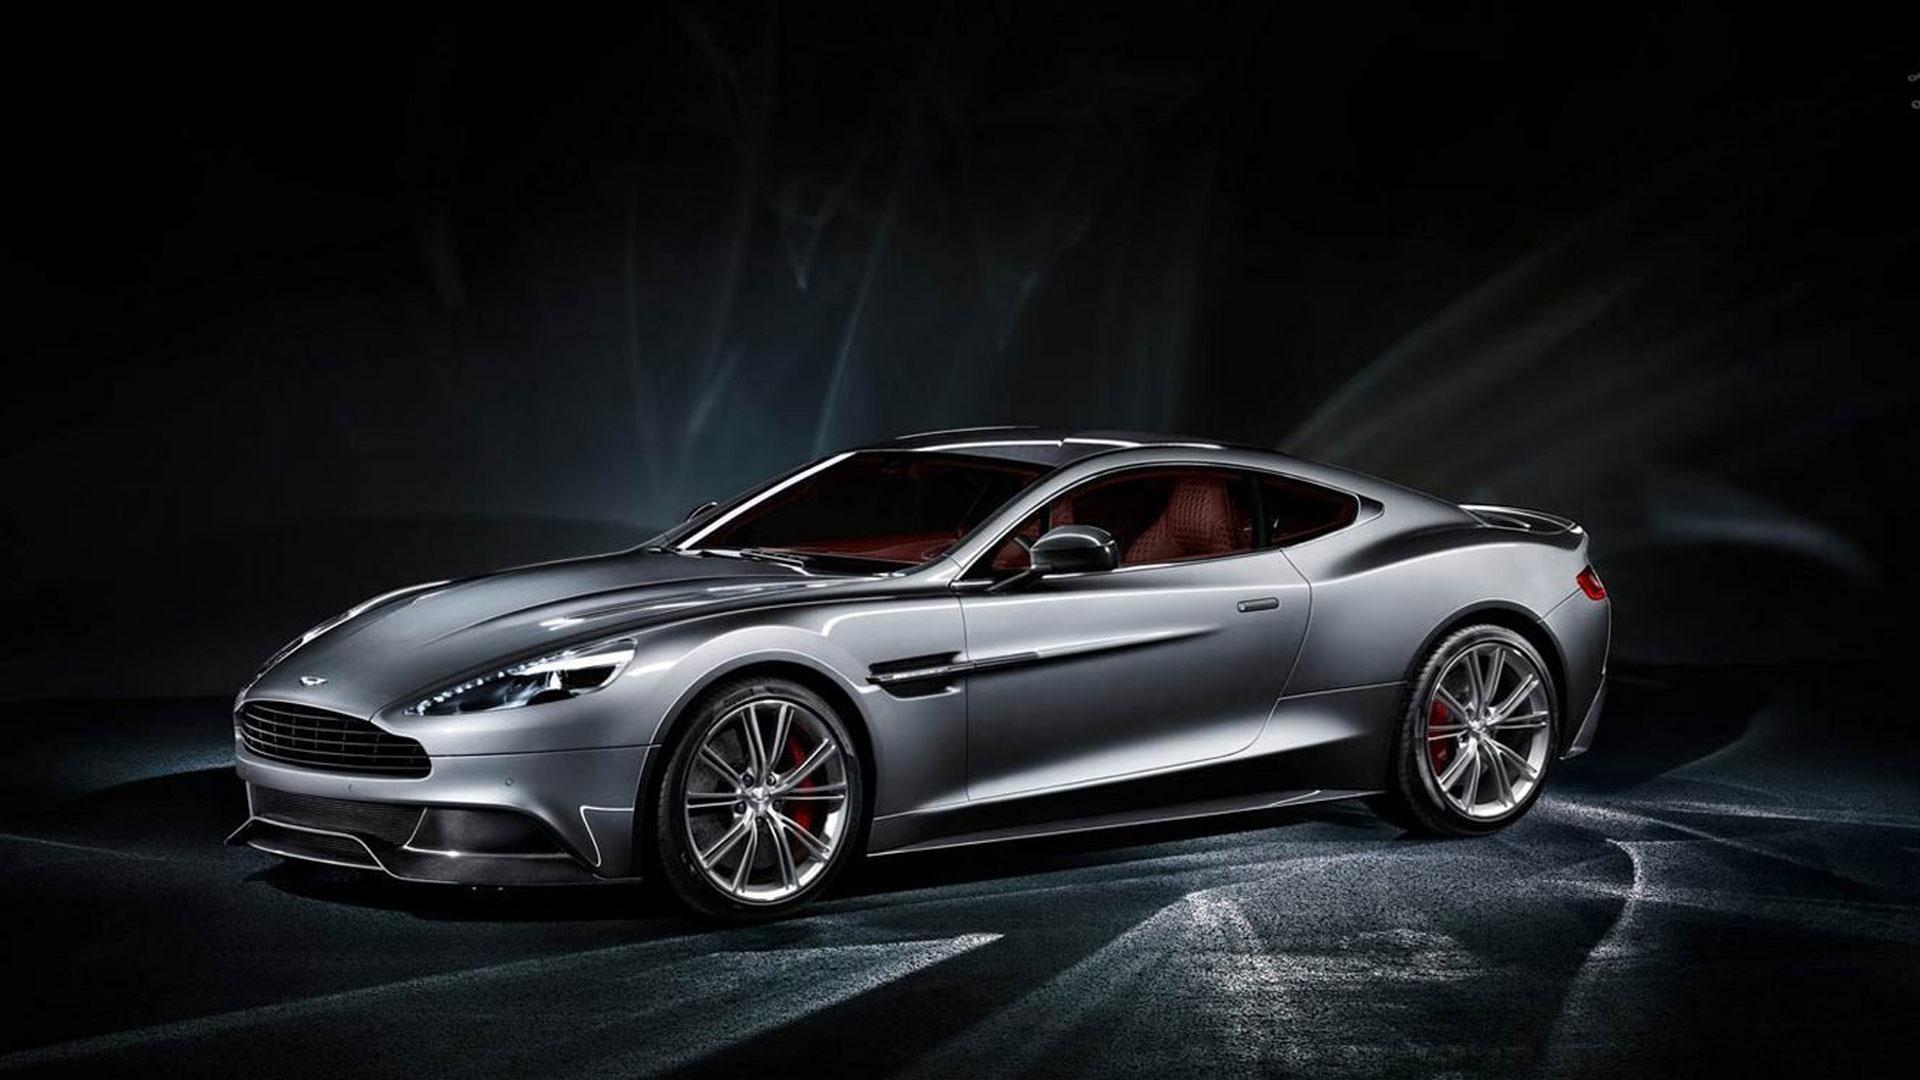 Aston Martin Vanquish v12 A1